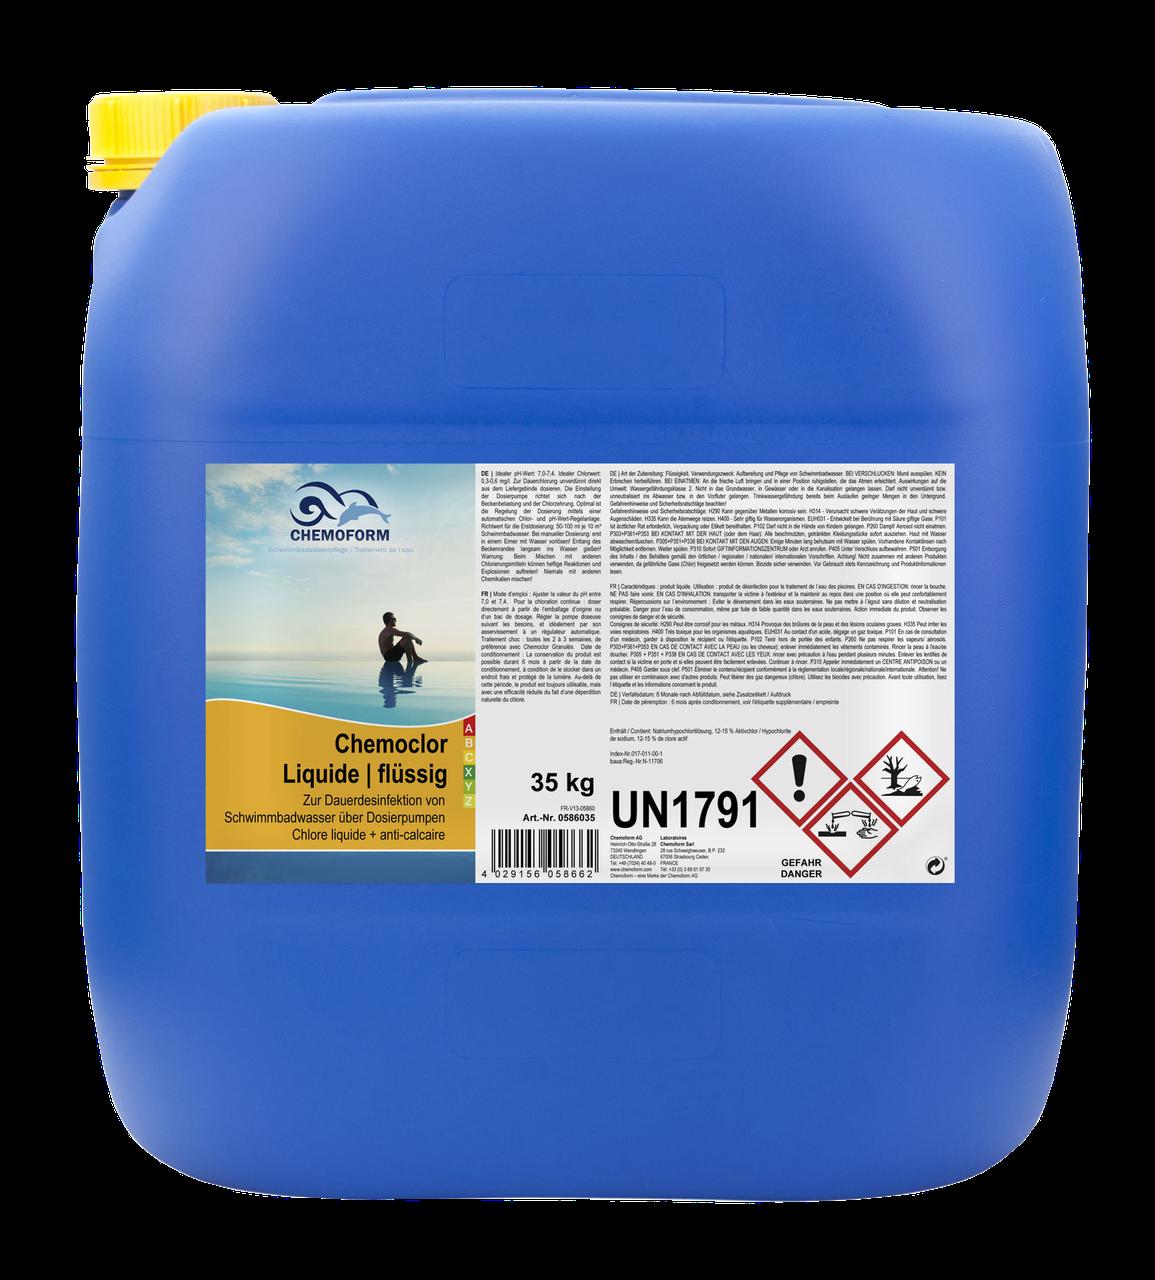 Хлорный препарат для дезинфекции воды в бассейнах Кемохлор СН-Таблетки (7 g), 25 кг